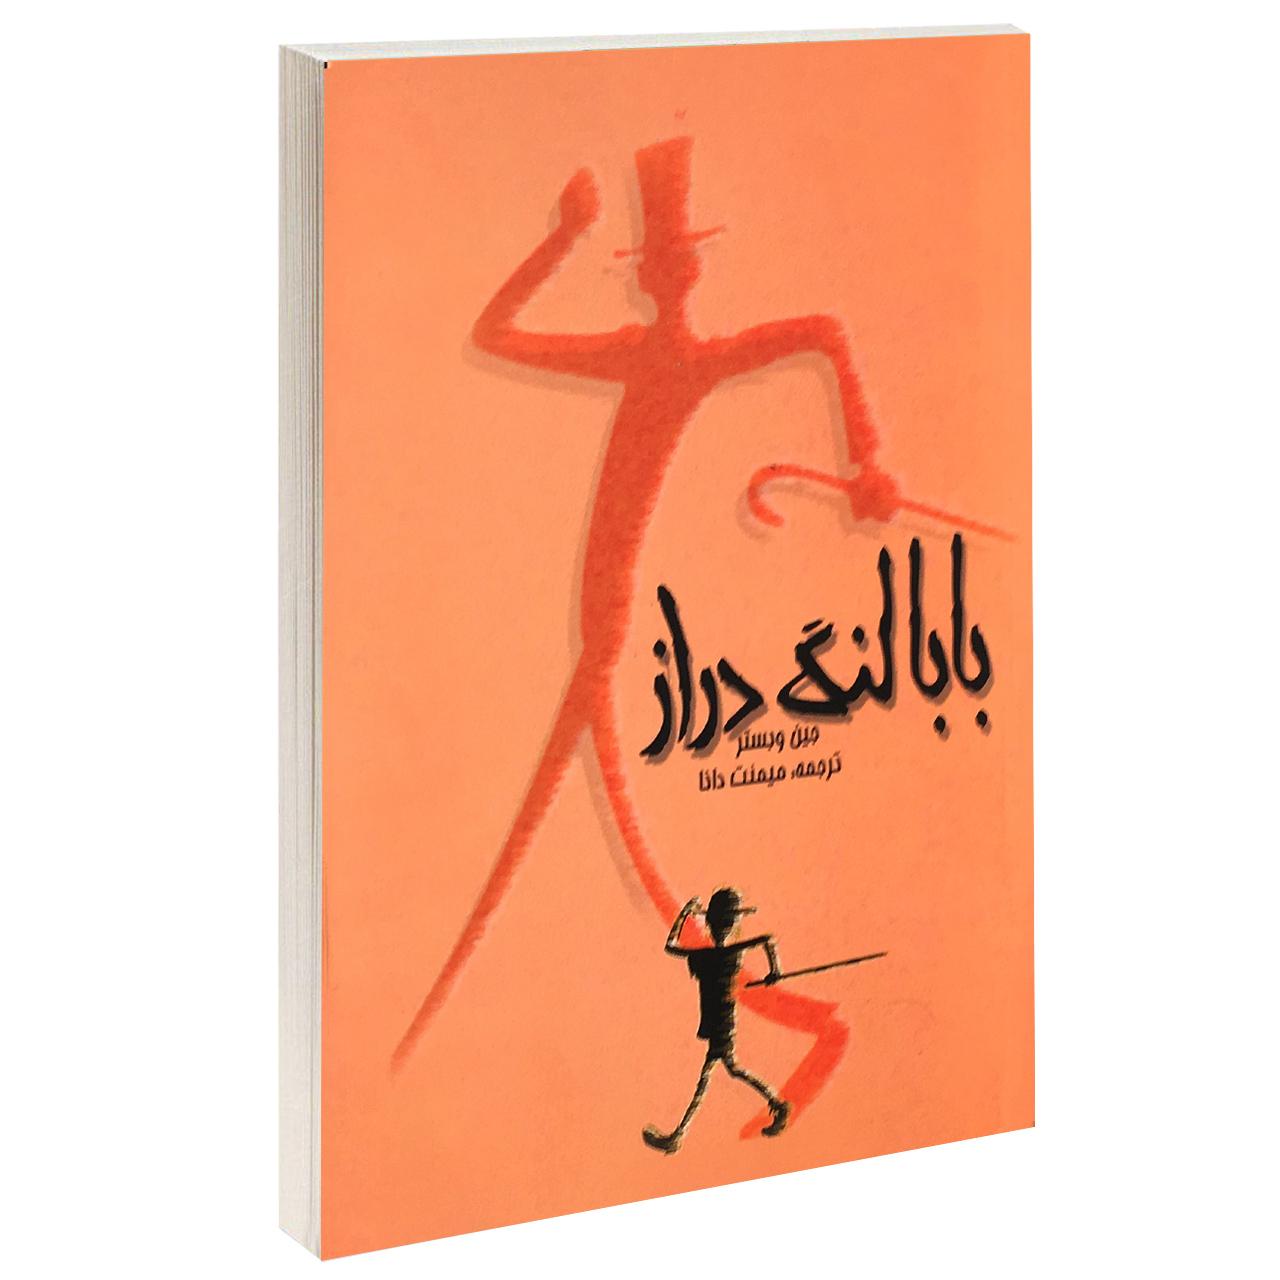 خرید                      کتاب بابا لنگ دراز اثر جین وبستر انتشارات آسو